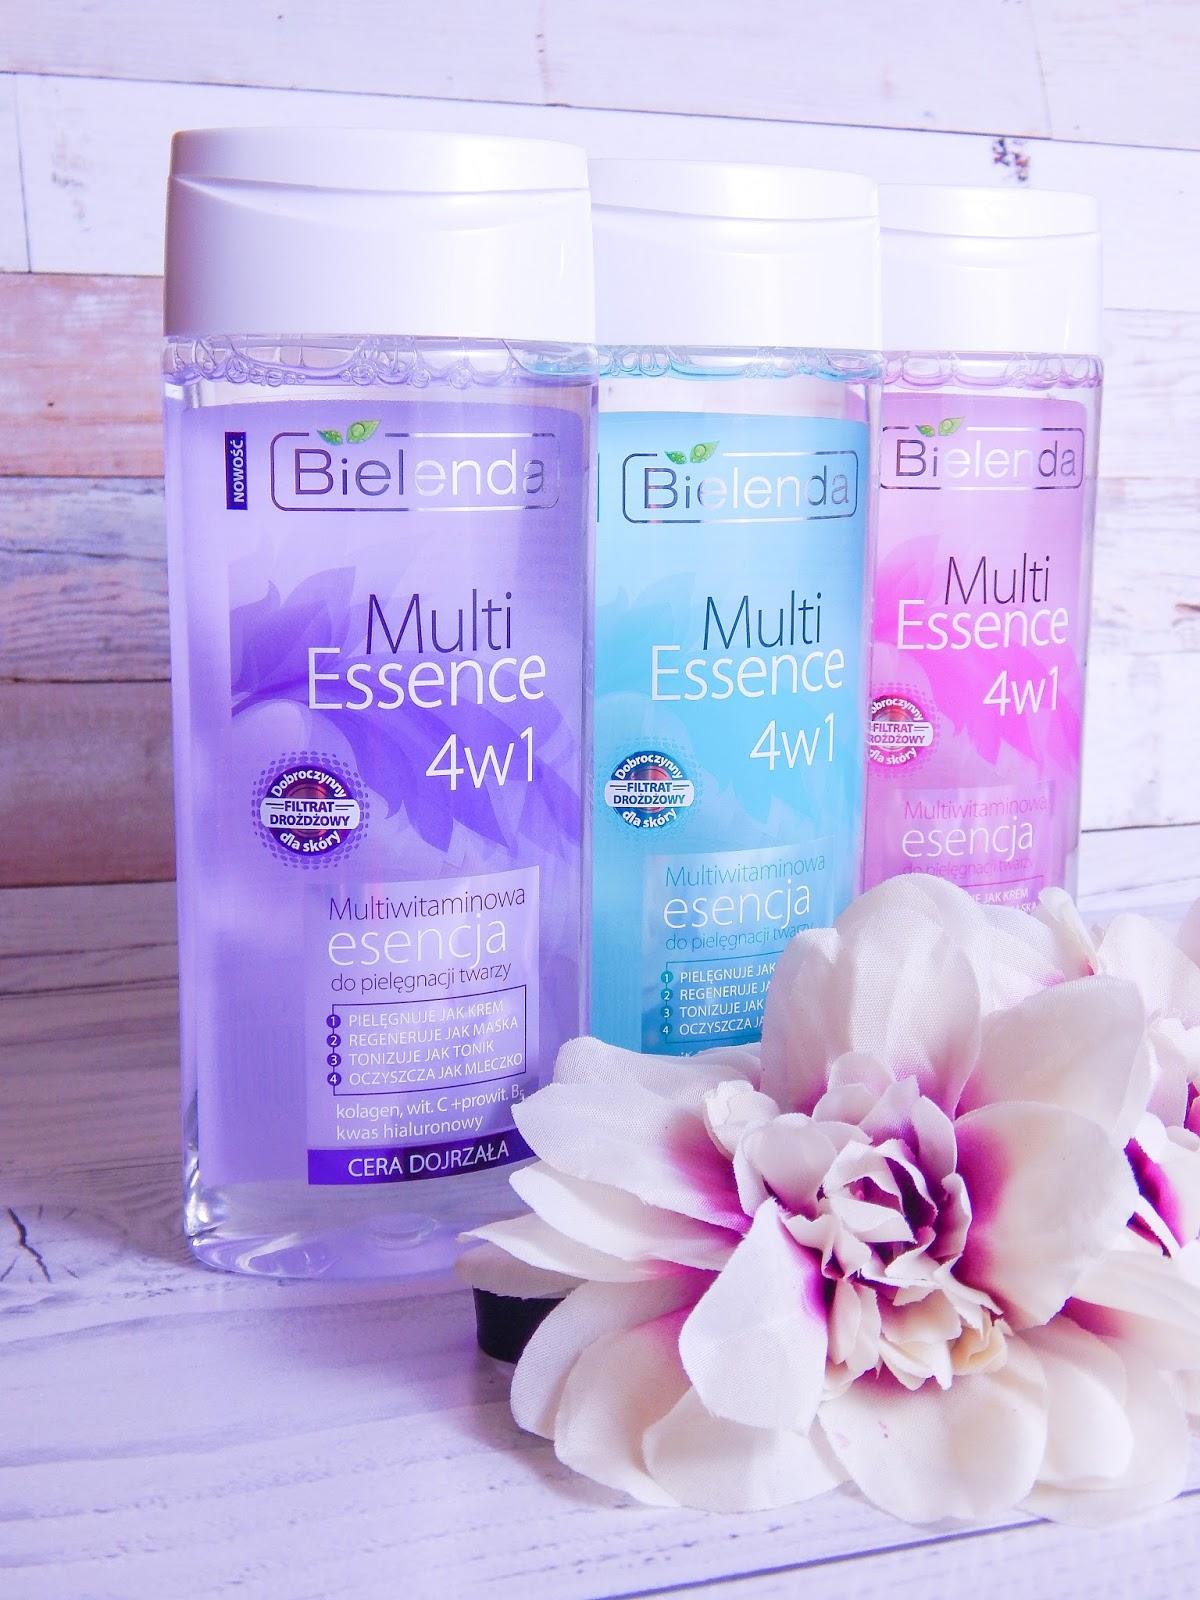 2 multi essence 4w1 bielenda recenzja multiwitamicowa esencja do pielęgnacji twarzy